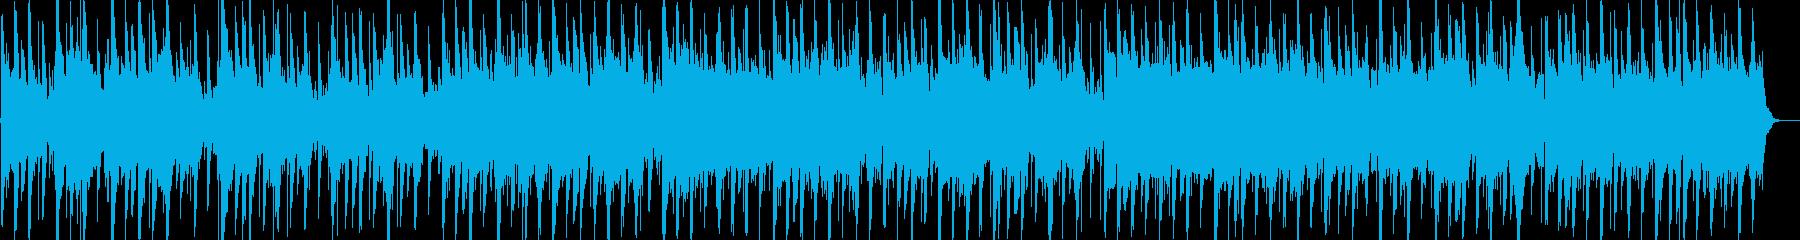 和風 雅な尺八と琴のASIAテイストVOの再生済みの波形